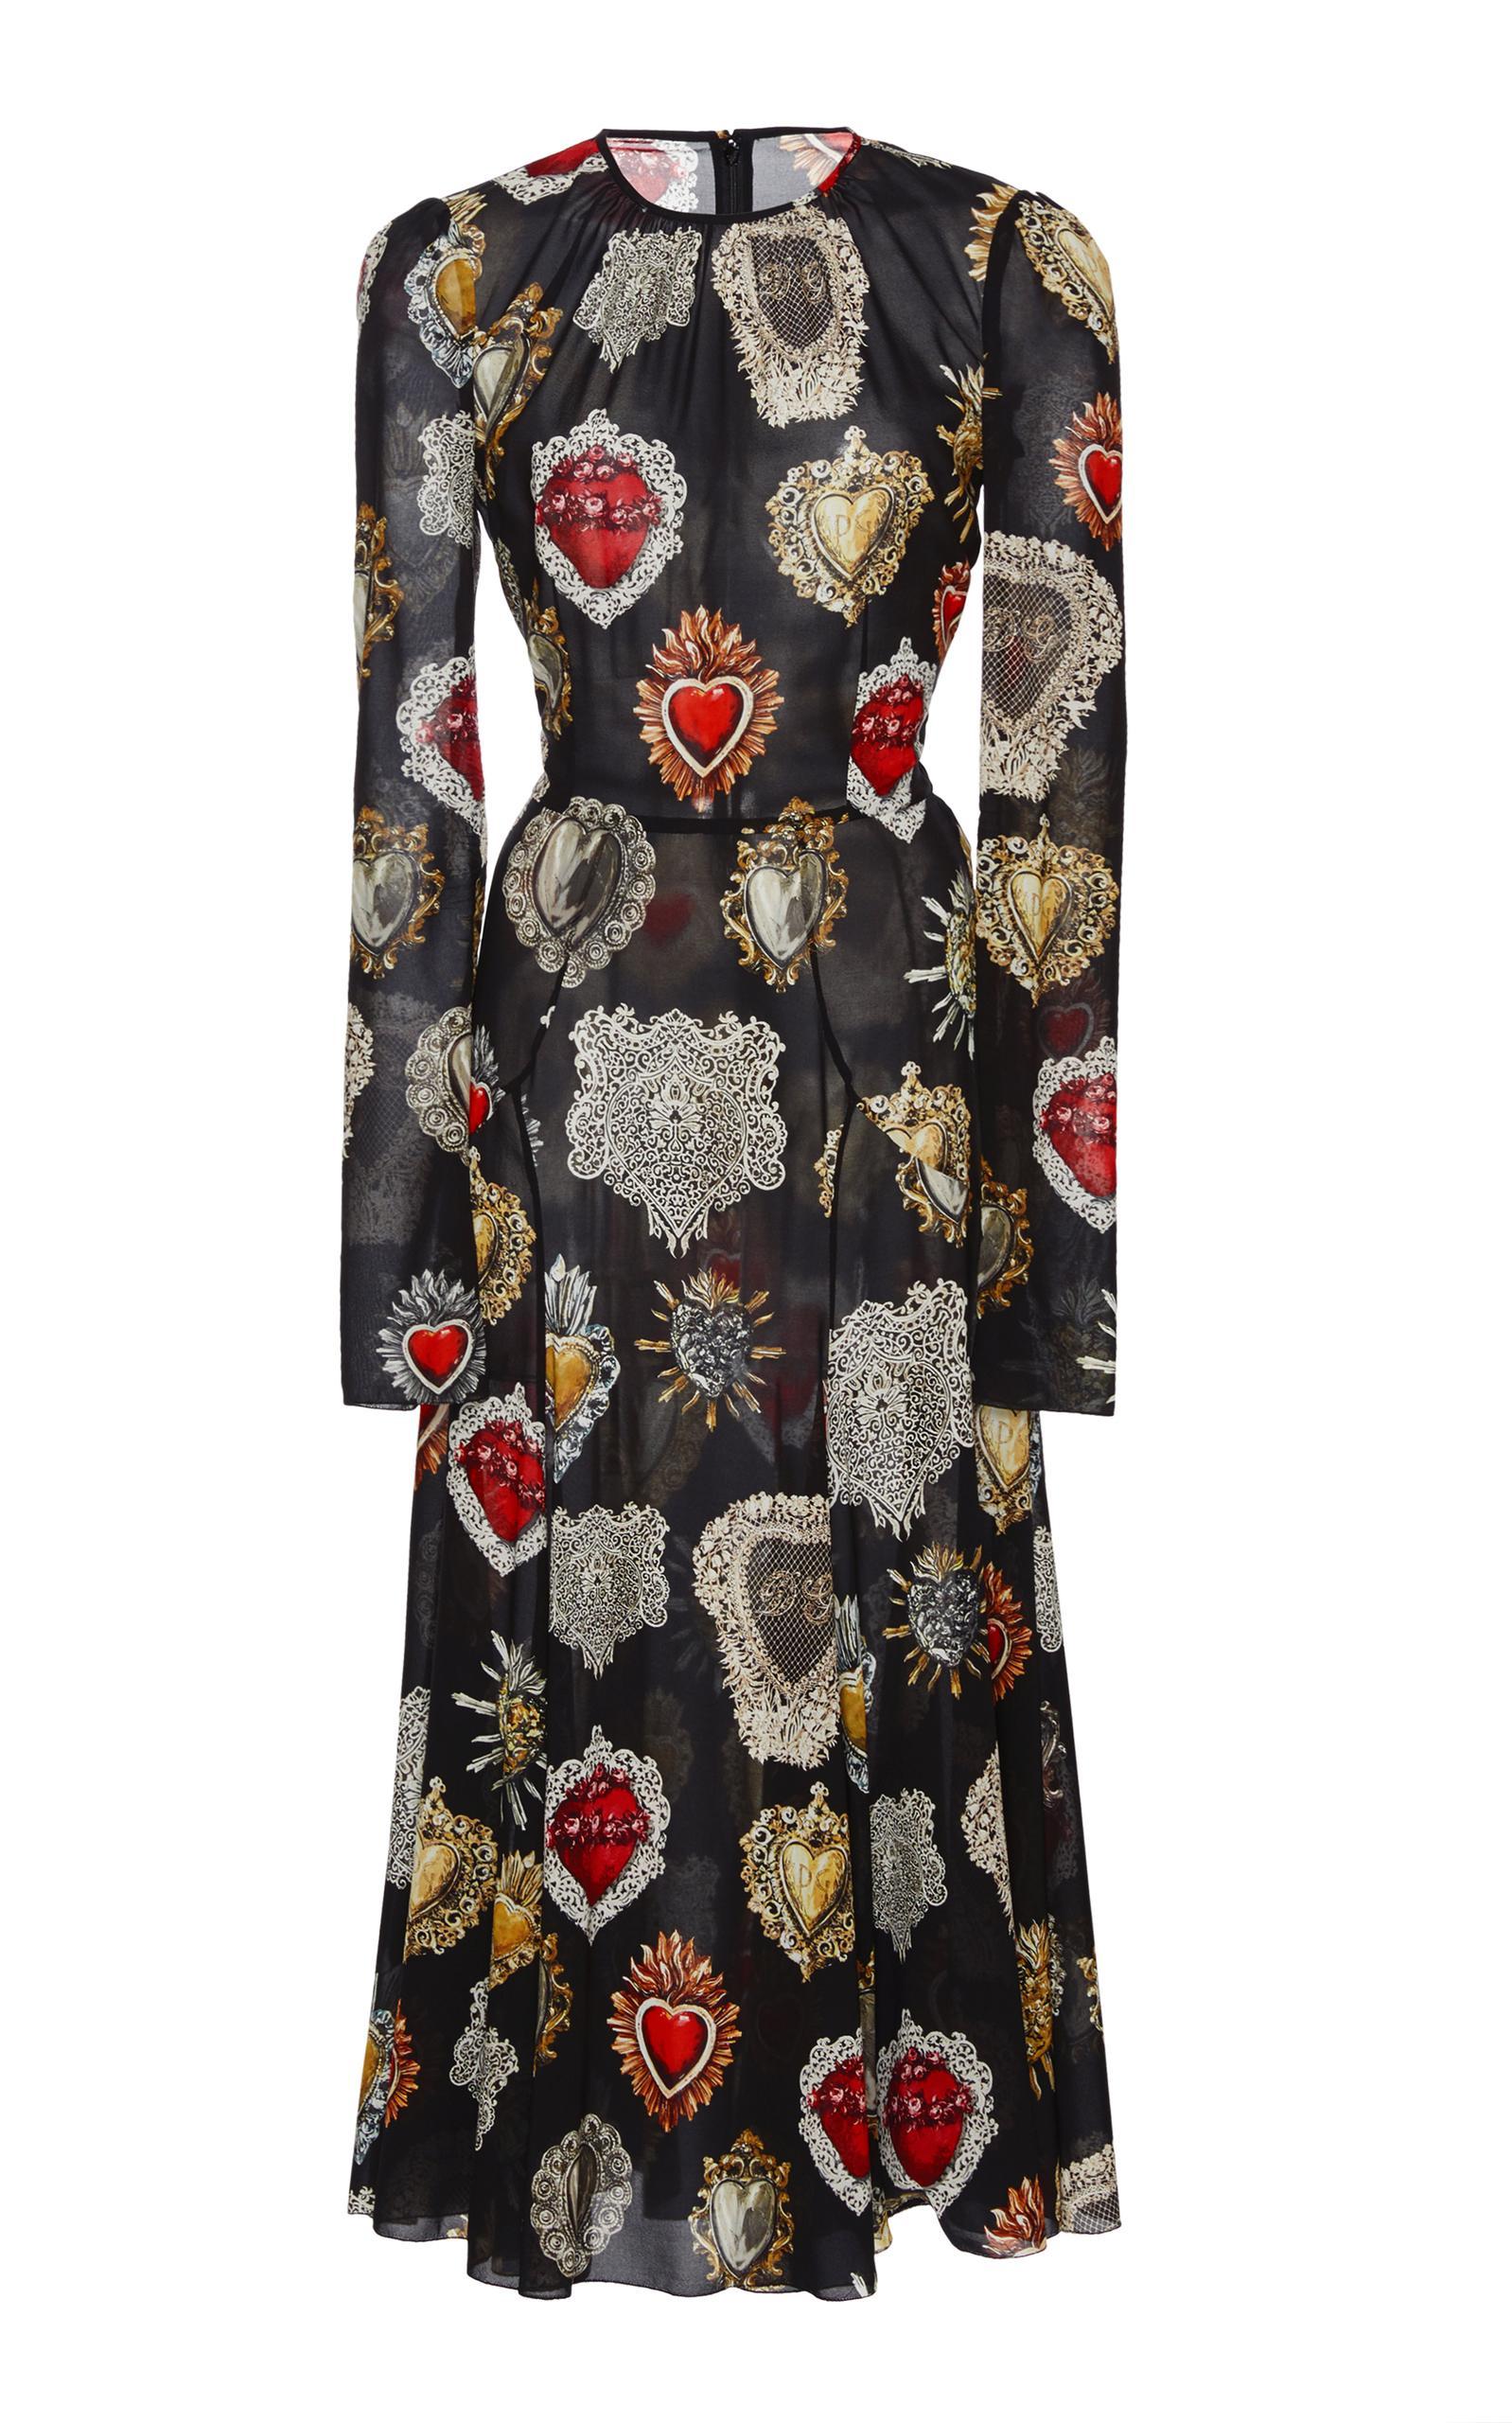 Dolce & Gabbana Printed Midi Dress In Black/White